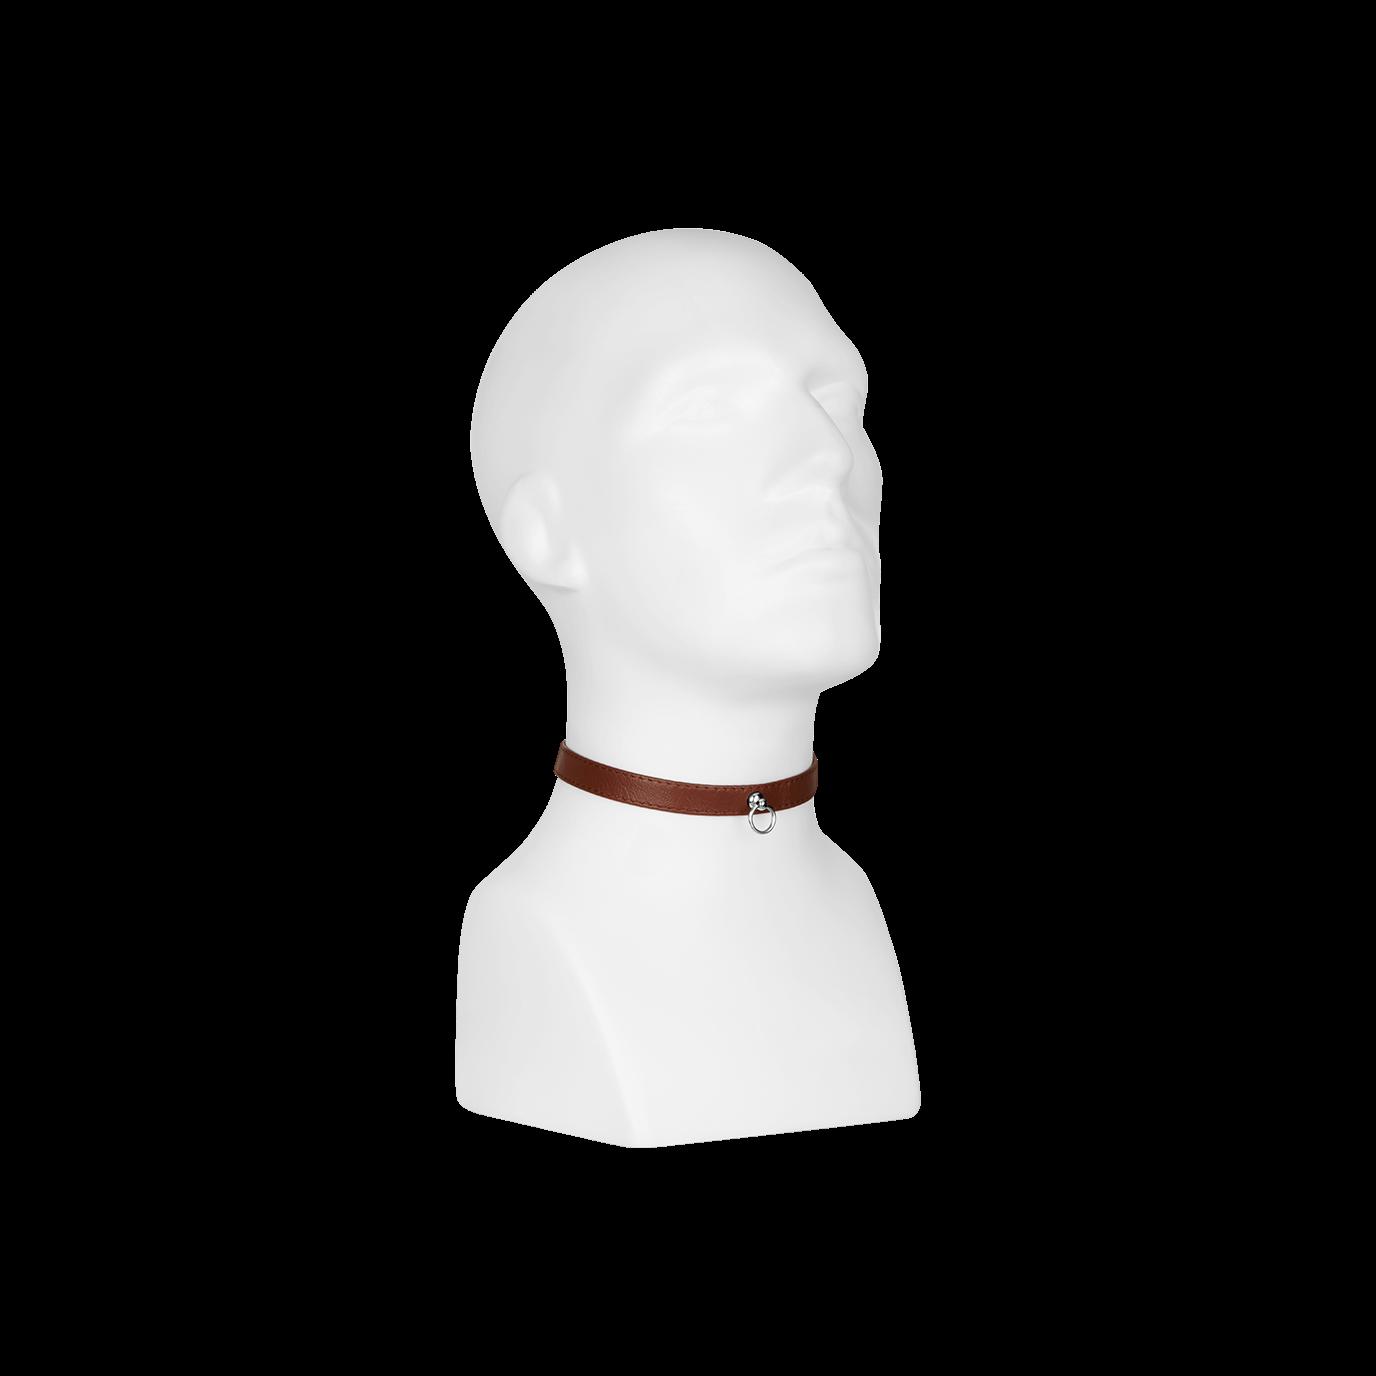 Rimba Leder-Halsfessel schmal mit O-Ring, braun jetztbilligerkaufen